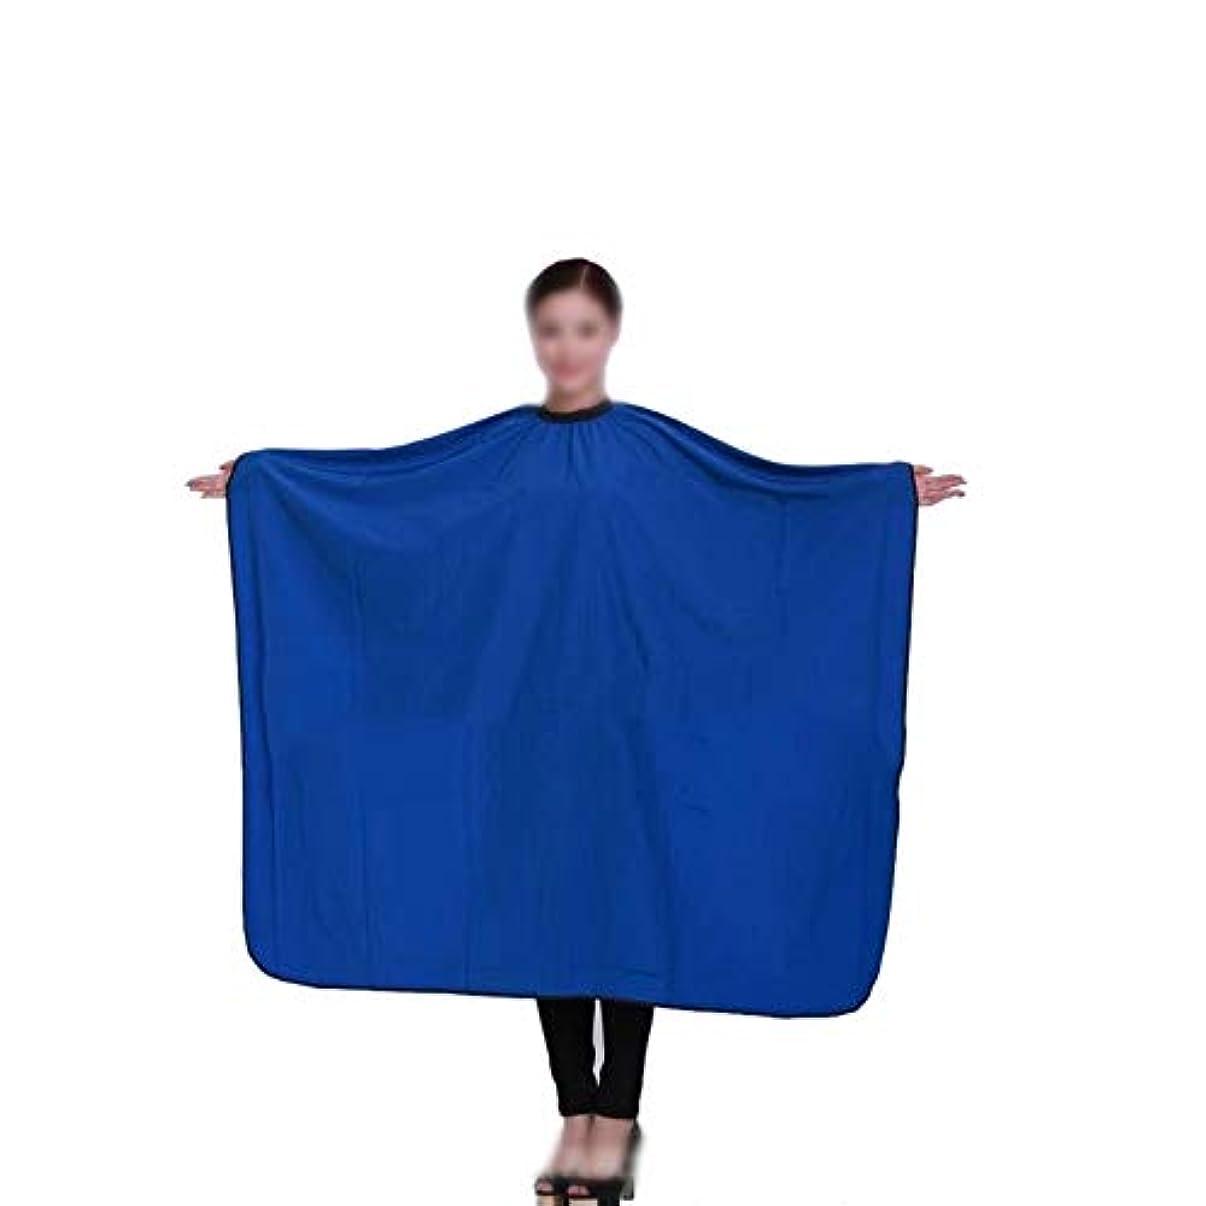 アルネ飢えた可能ヘアカットサロンエプロンヘアカット防水布ブルースタイリングケープサロンガウンクロス モデリングツール